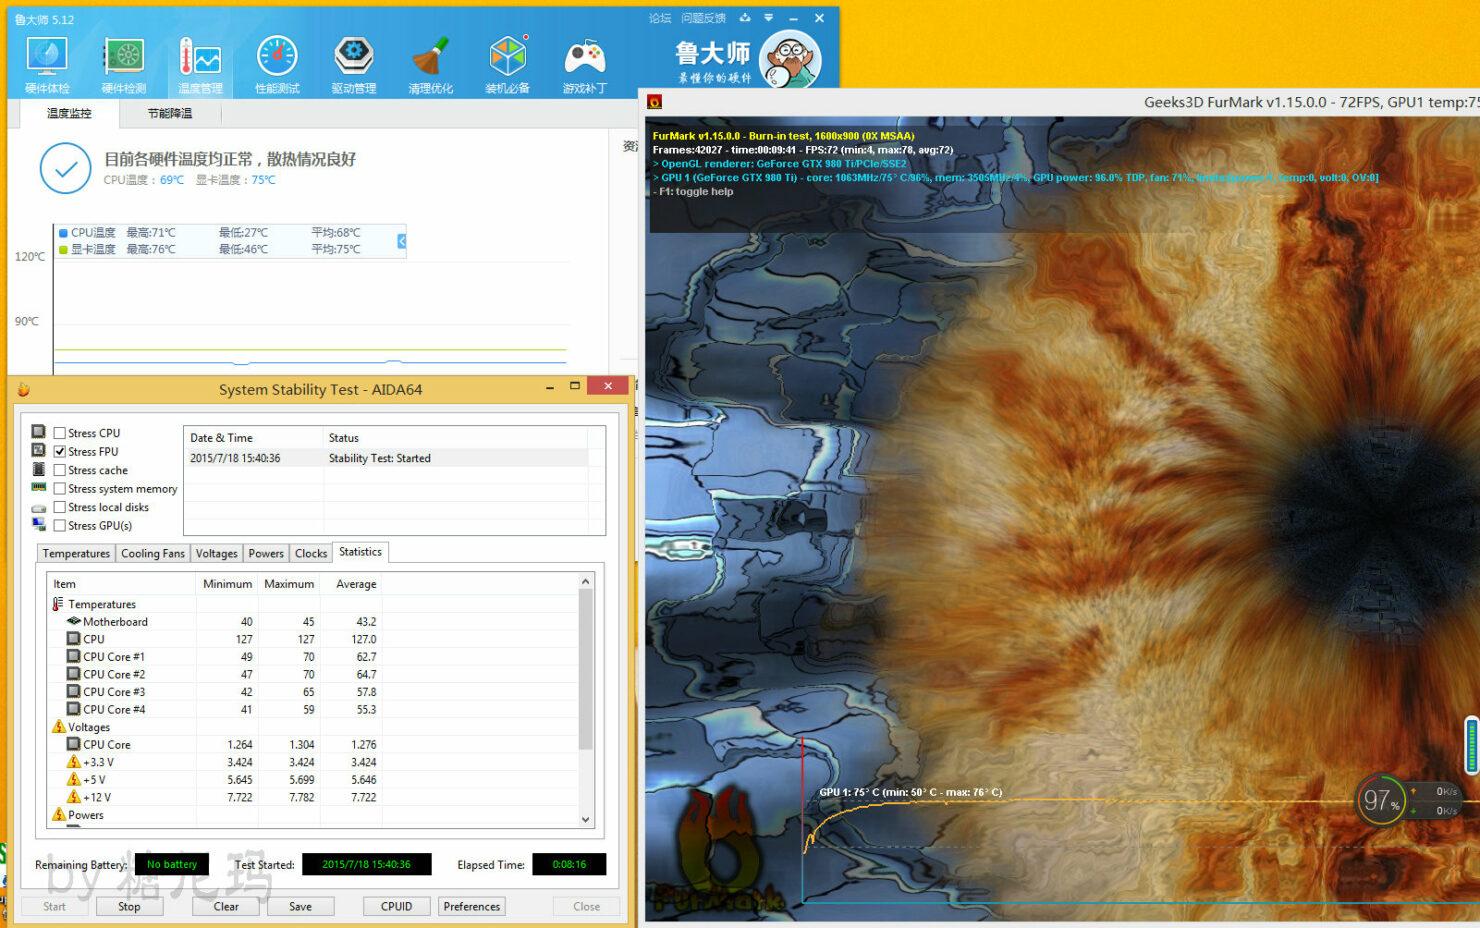 intel-core-i7-6700k-vs-core-i7-4790k_temperatures-2